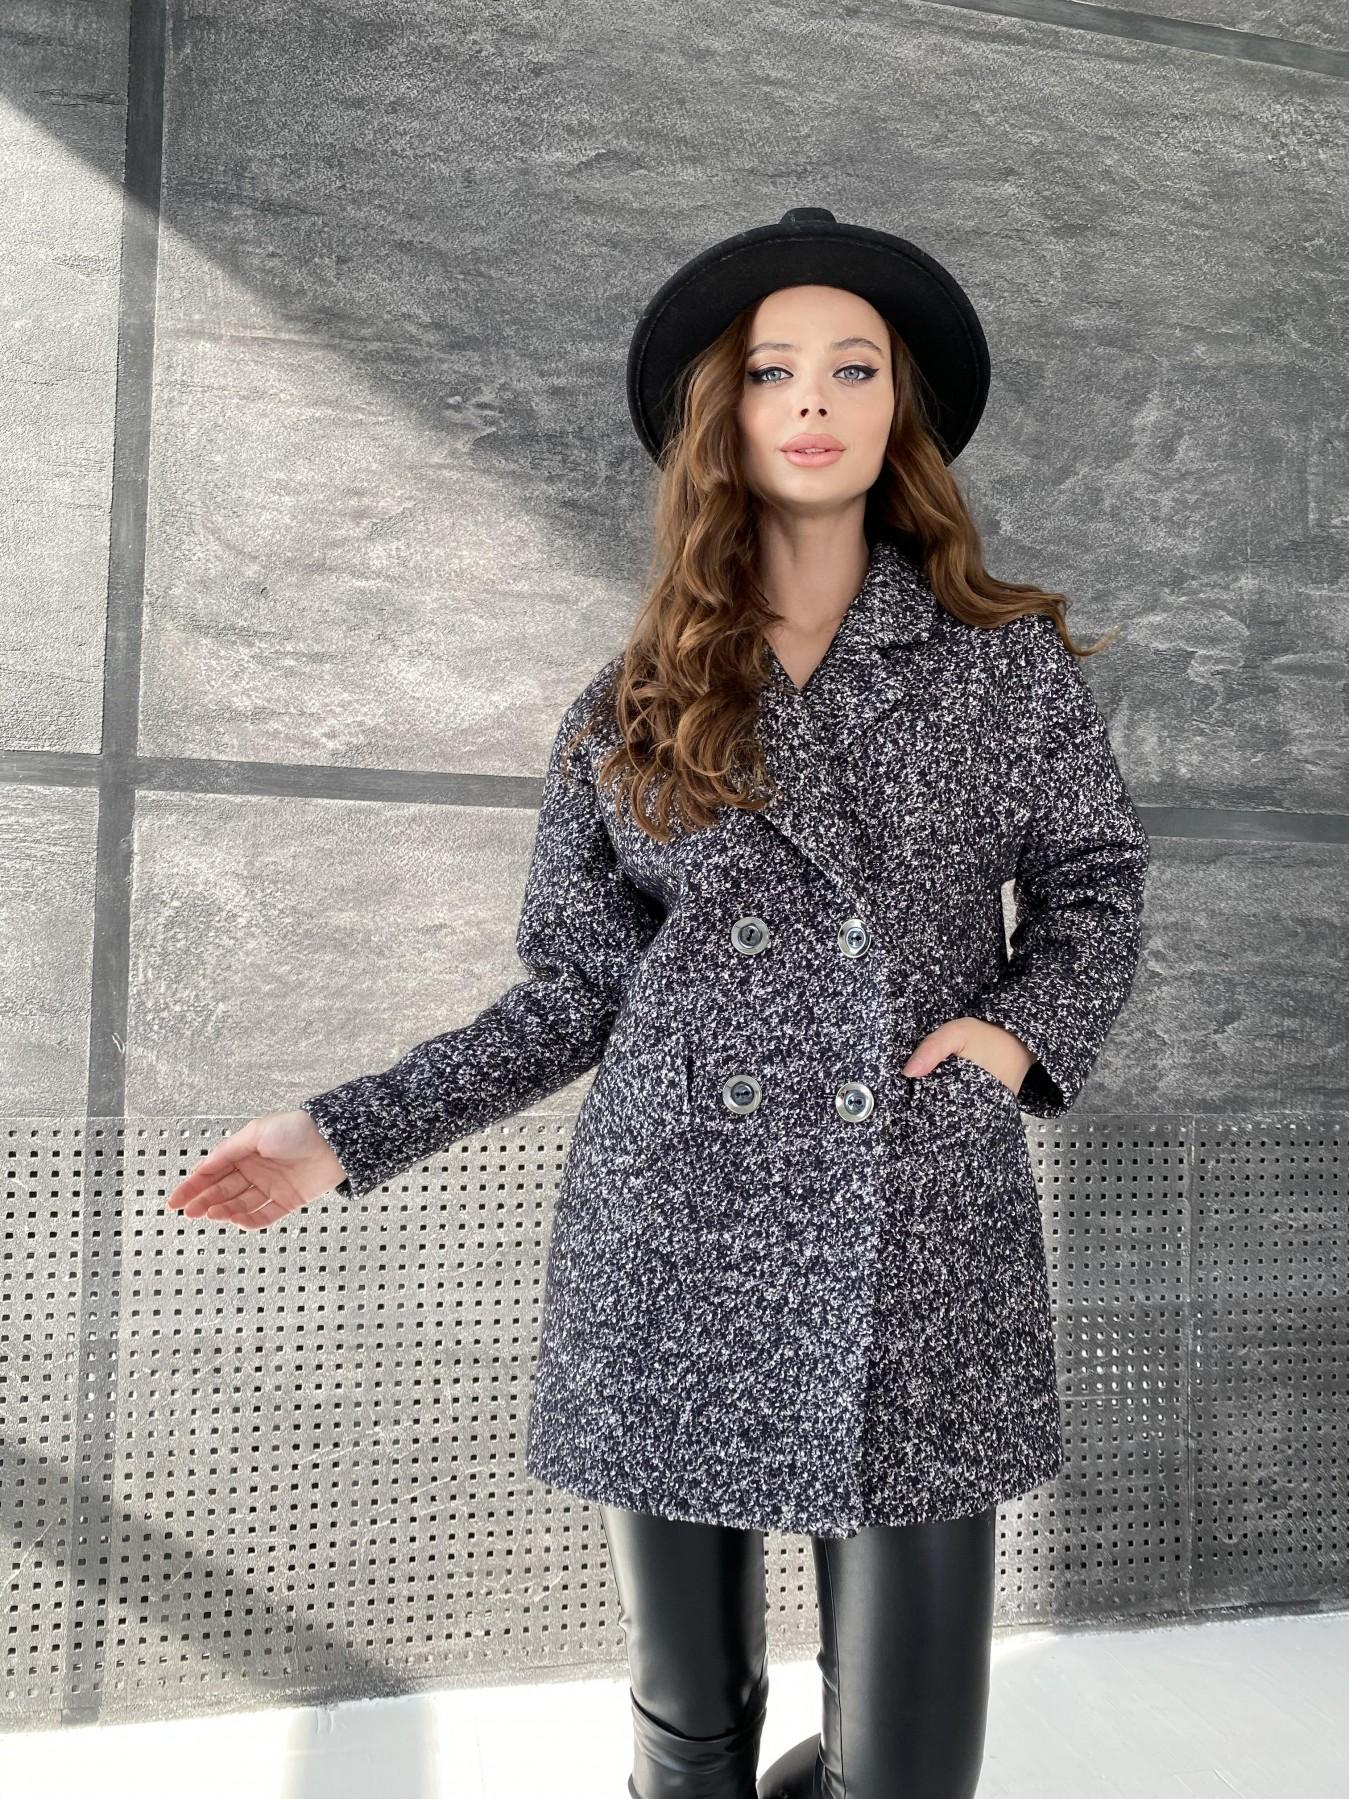 Бонд пальто из шерсти букле  10770 АРТ. 47197 Цвет: Черно серый 61 - фото 1, интернет магазин tm-modus.ru